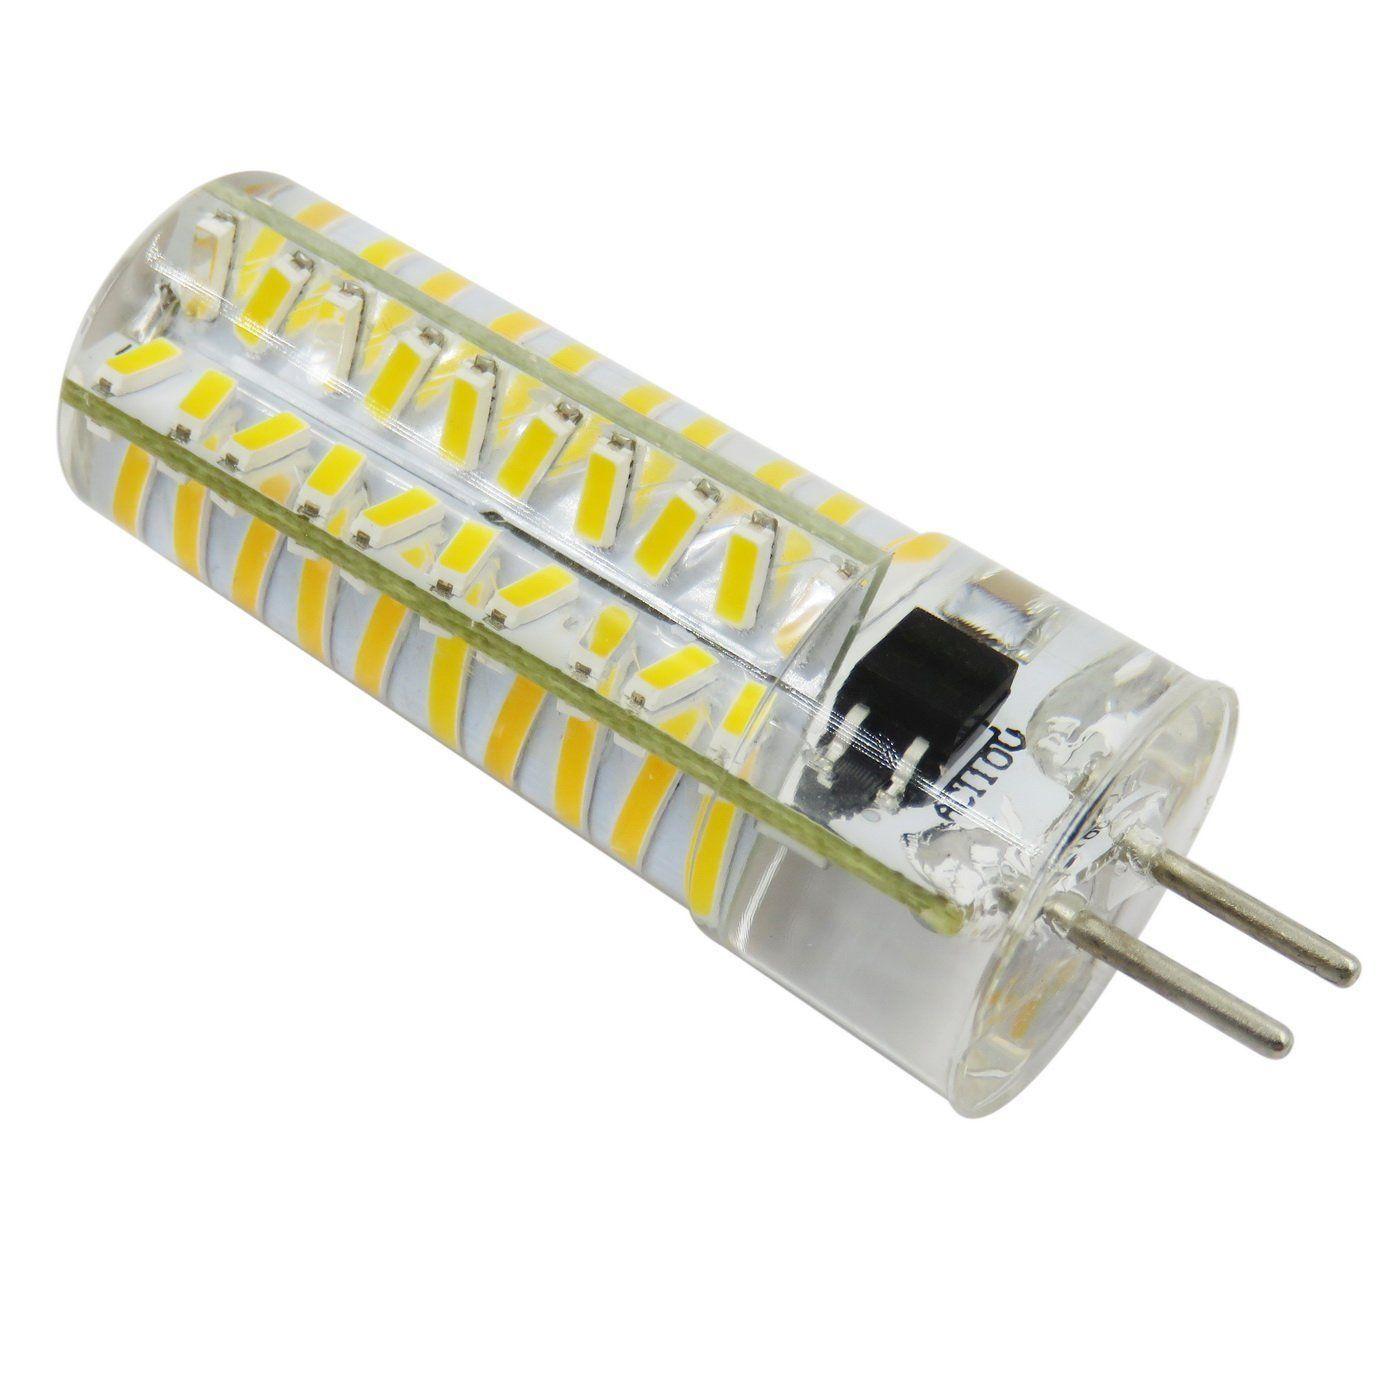 Ungdommelige Dimmable GY6.35 LED Bulb 120V/240V 5W 560 Lumens 80LEDs 4014 SMD SW79